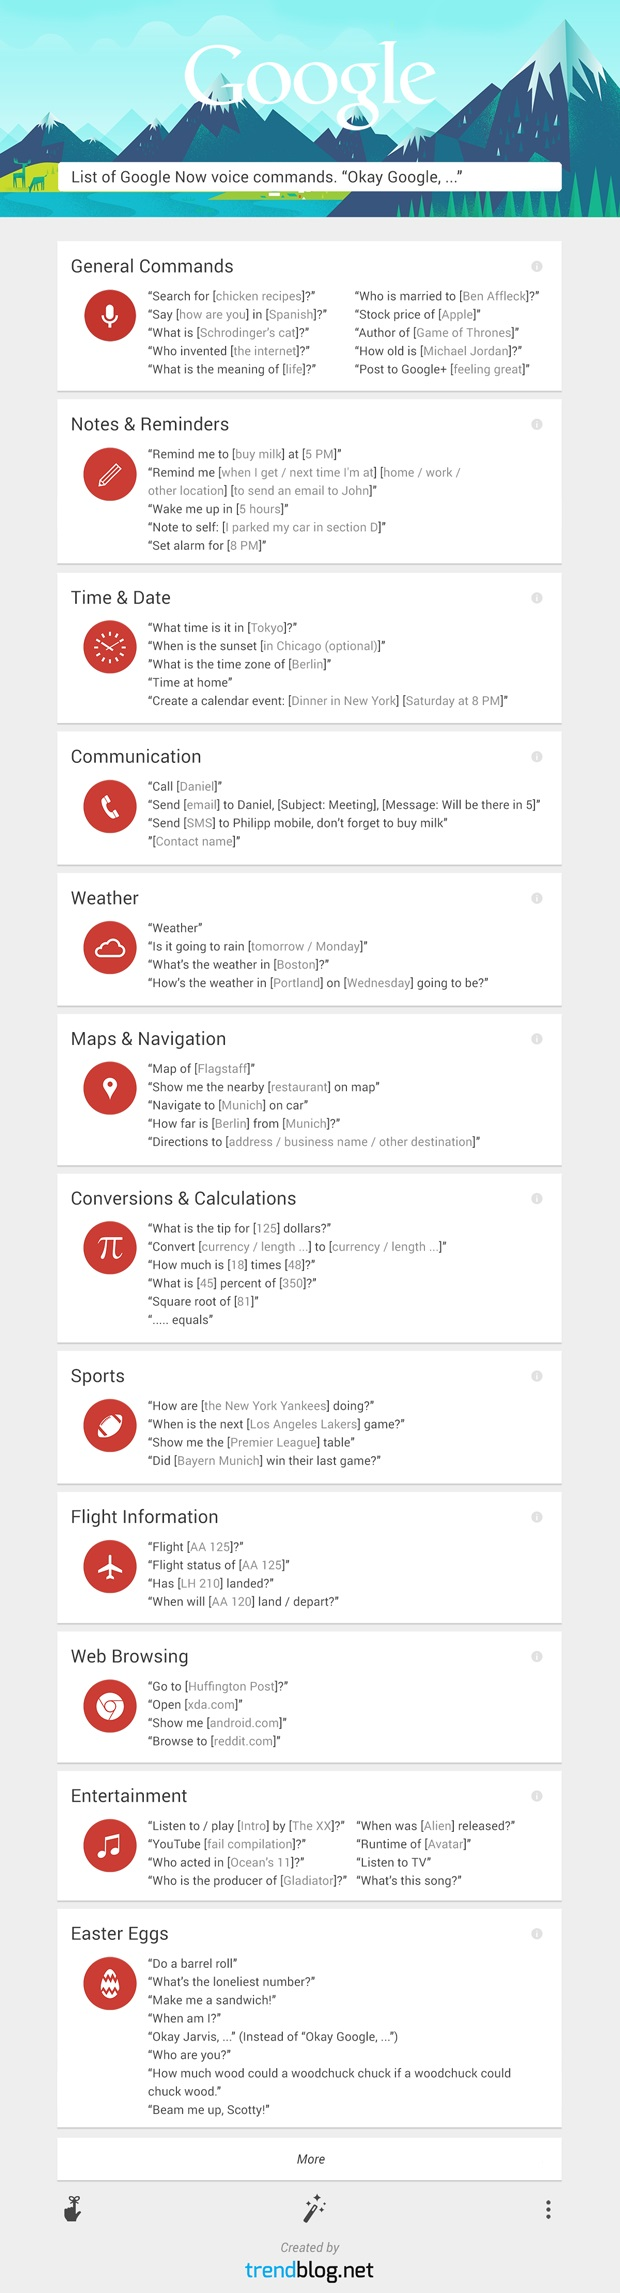 La liste des commandes Google Now (OK Google) en français [infographie]